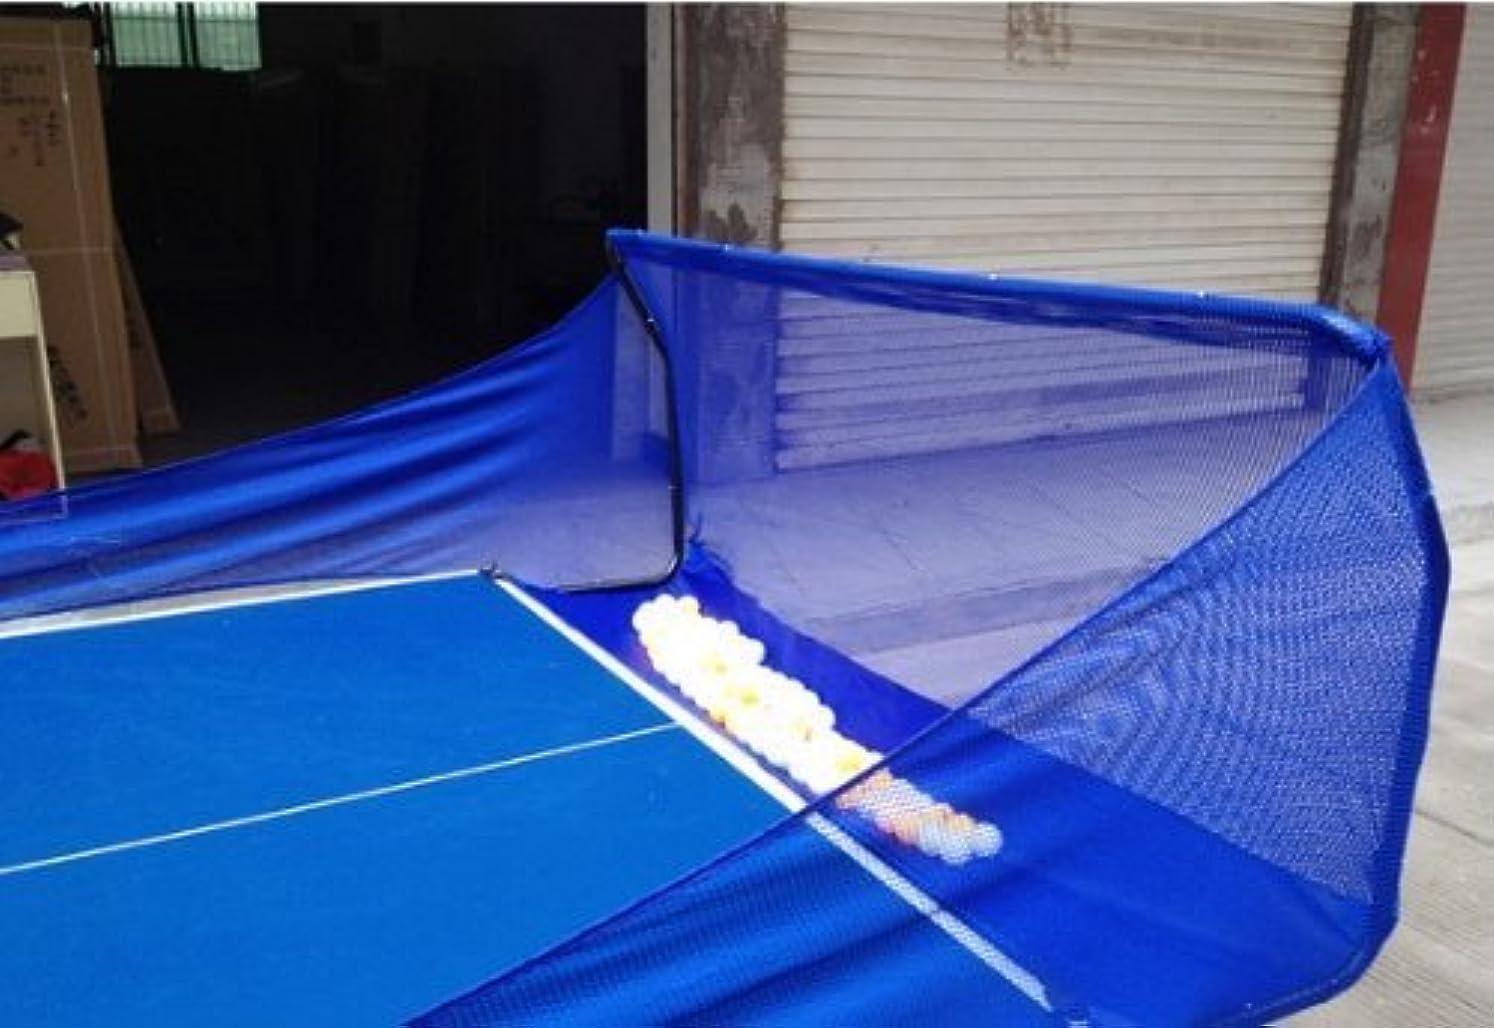 取り付け敵幻滅するCKR 卓球ト レーニングマシン用 卓球台取り付けネット iPong(アイポン) iPong pro(アイポンプロ) 専用拾球ネット